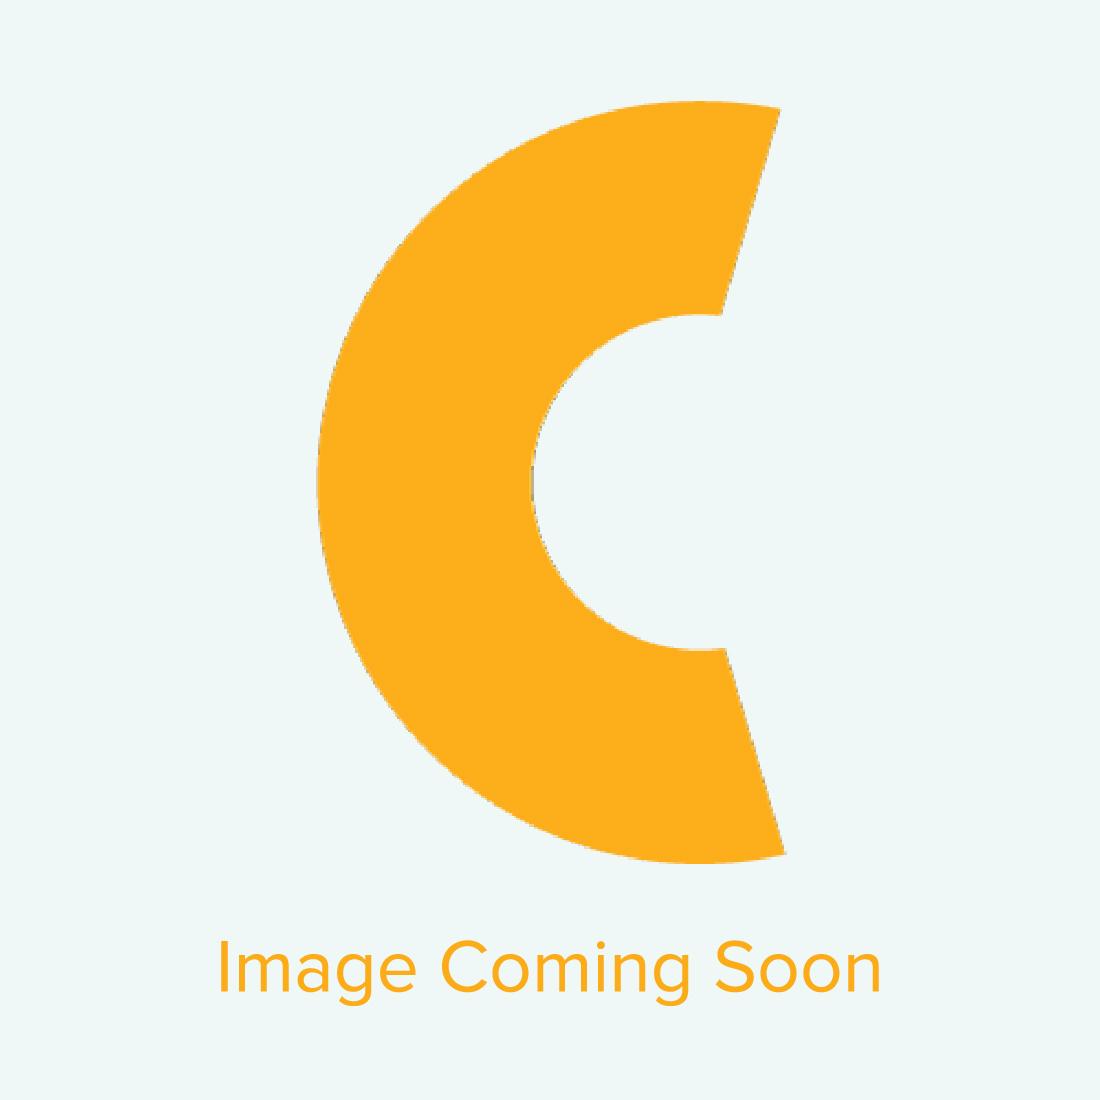 """PixScan Cutting Mat/Carrier Sheet for Silhouette Cameo Vinyl Cutter - 8.5"""" x 11"""" - Sold as Each"""